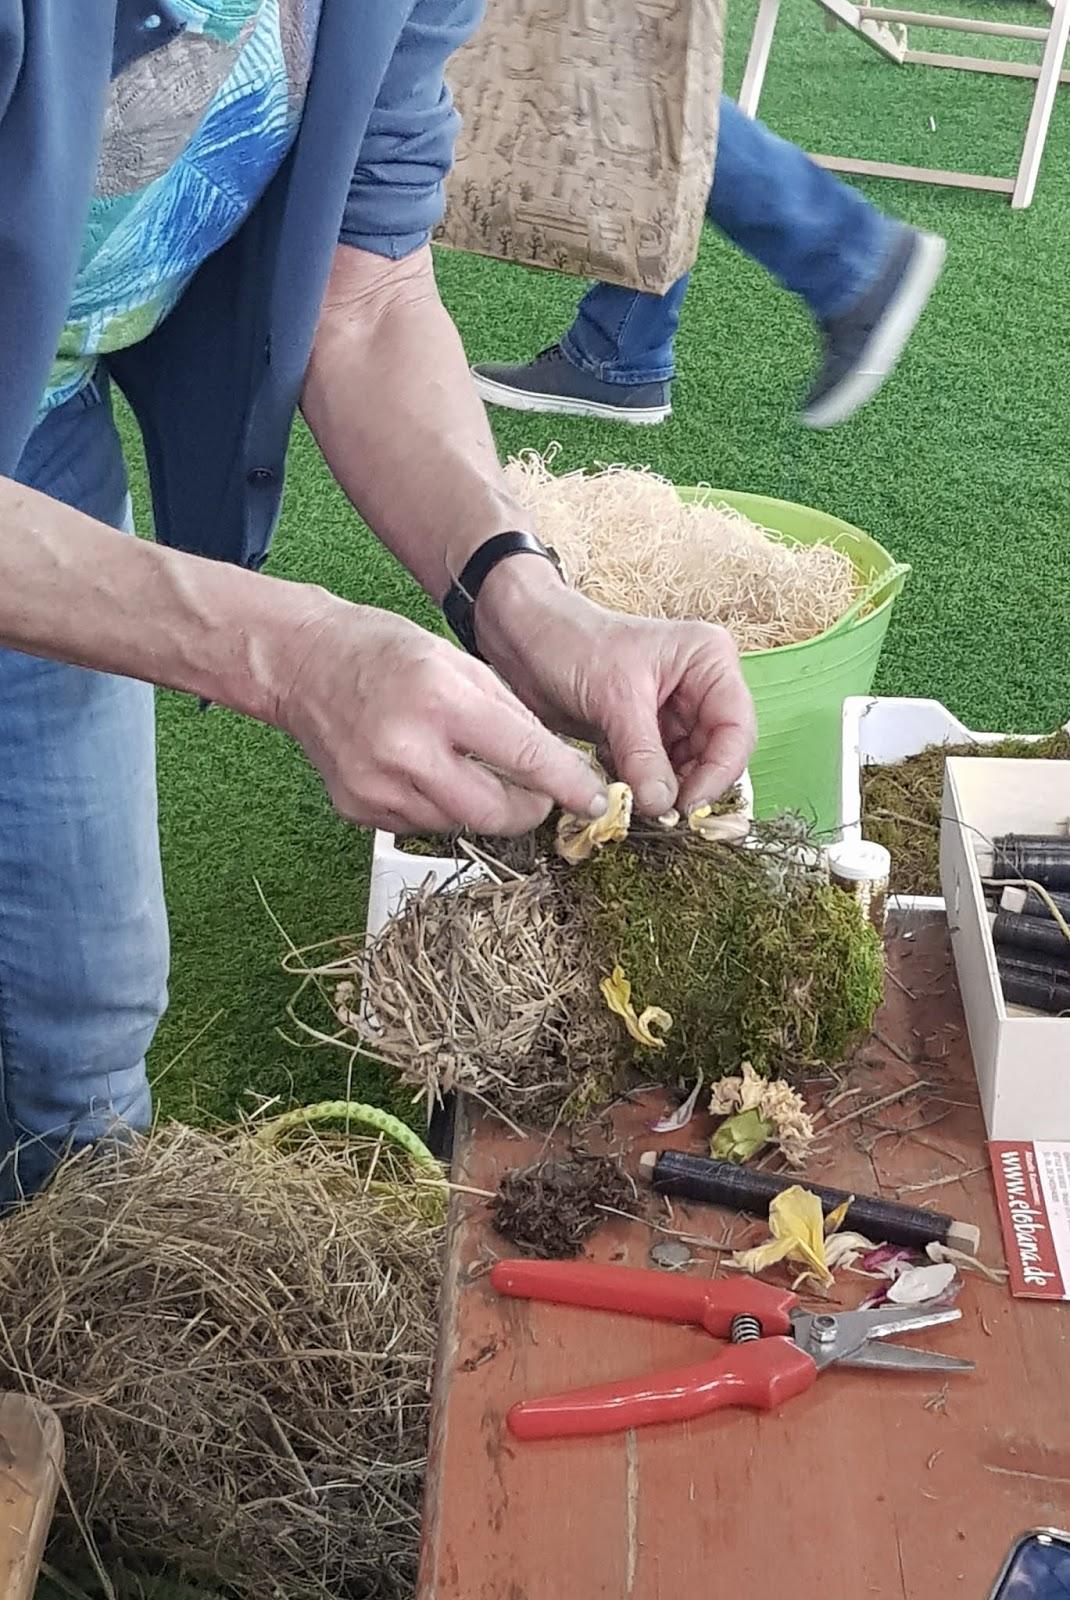 Kreativ Workshop mit Eleonore Schick Gartenmesse Stuttgart Muttertagsherz Herz DIY Deko mit Moos. Einfach selber machen. Dekoidee aus Heu, Draht, Moos und Blüten Basteln und Kreativsein